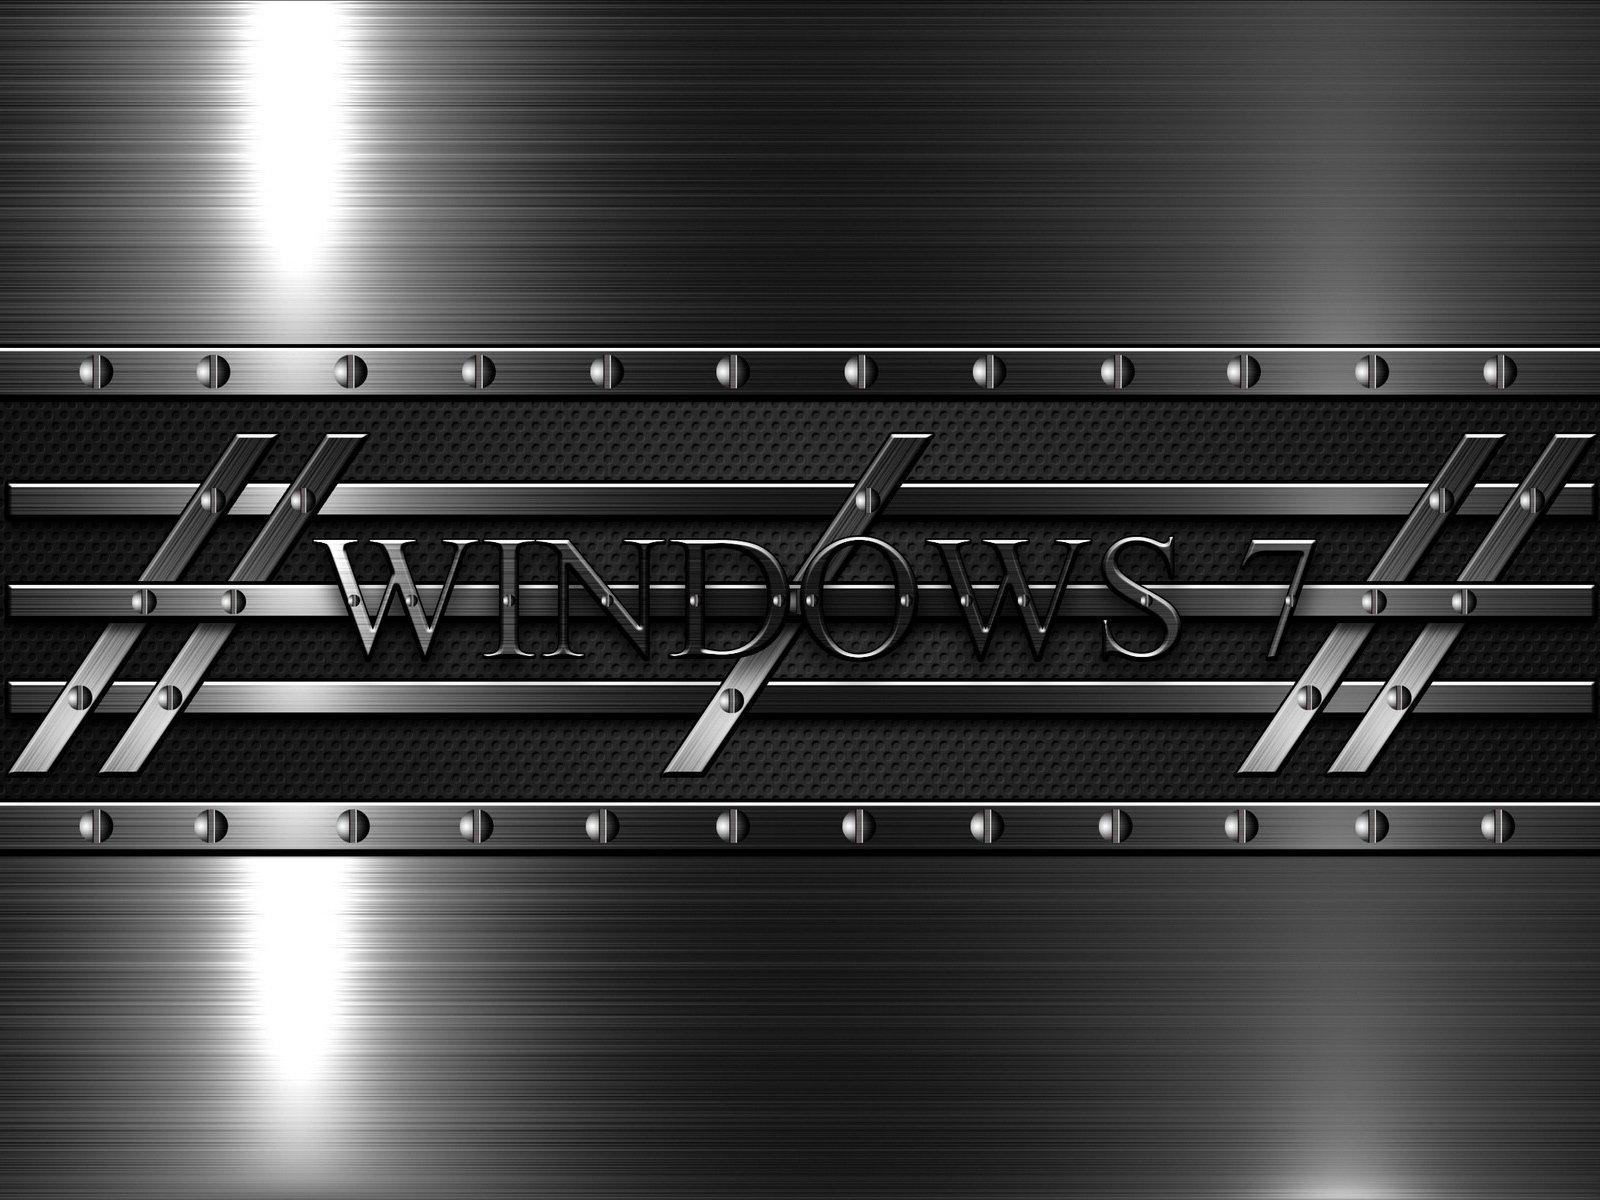 تحميل ويندوز 7 للماك